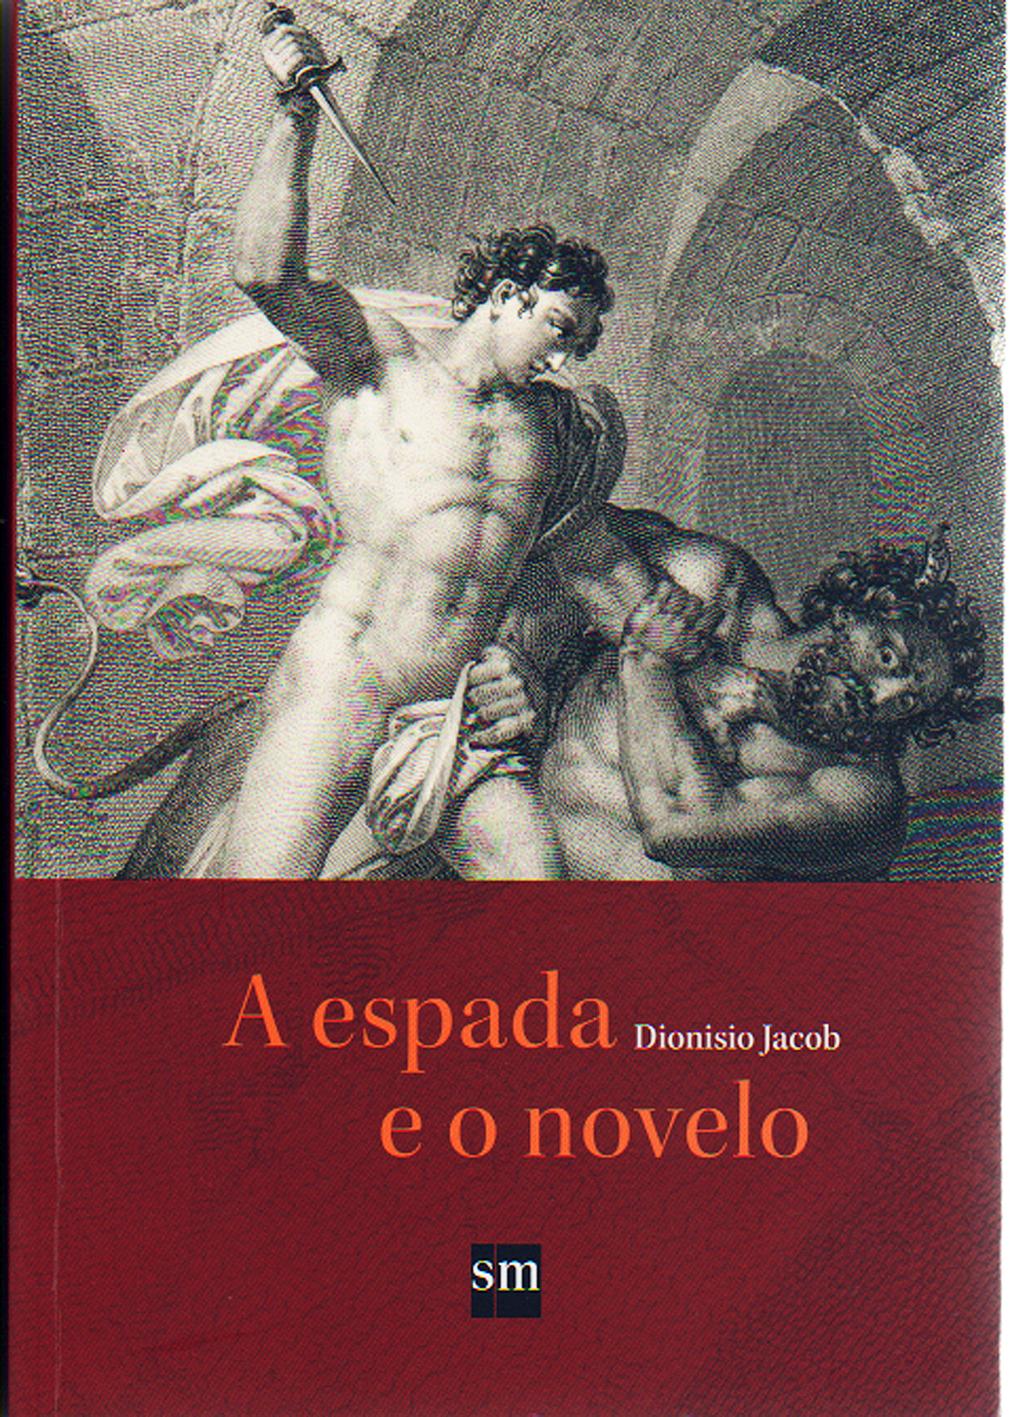 Prêmio Orígenas Lessa FNLIJ 2010